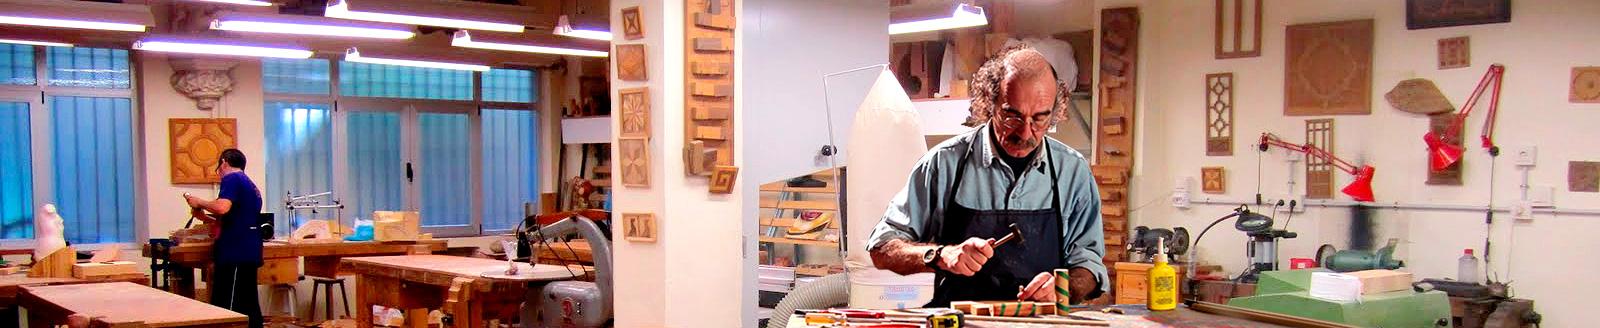 Imagen de un hombre trabajando en un taller.